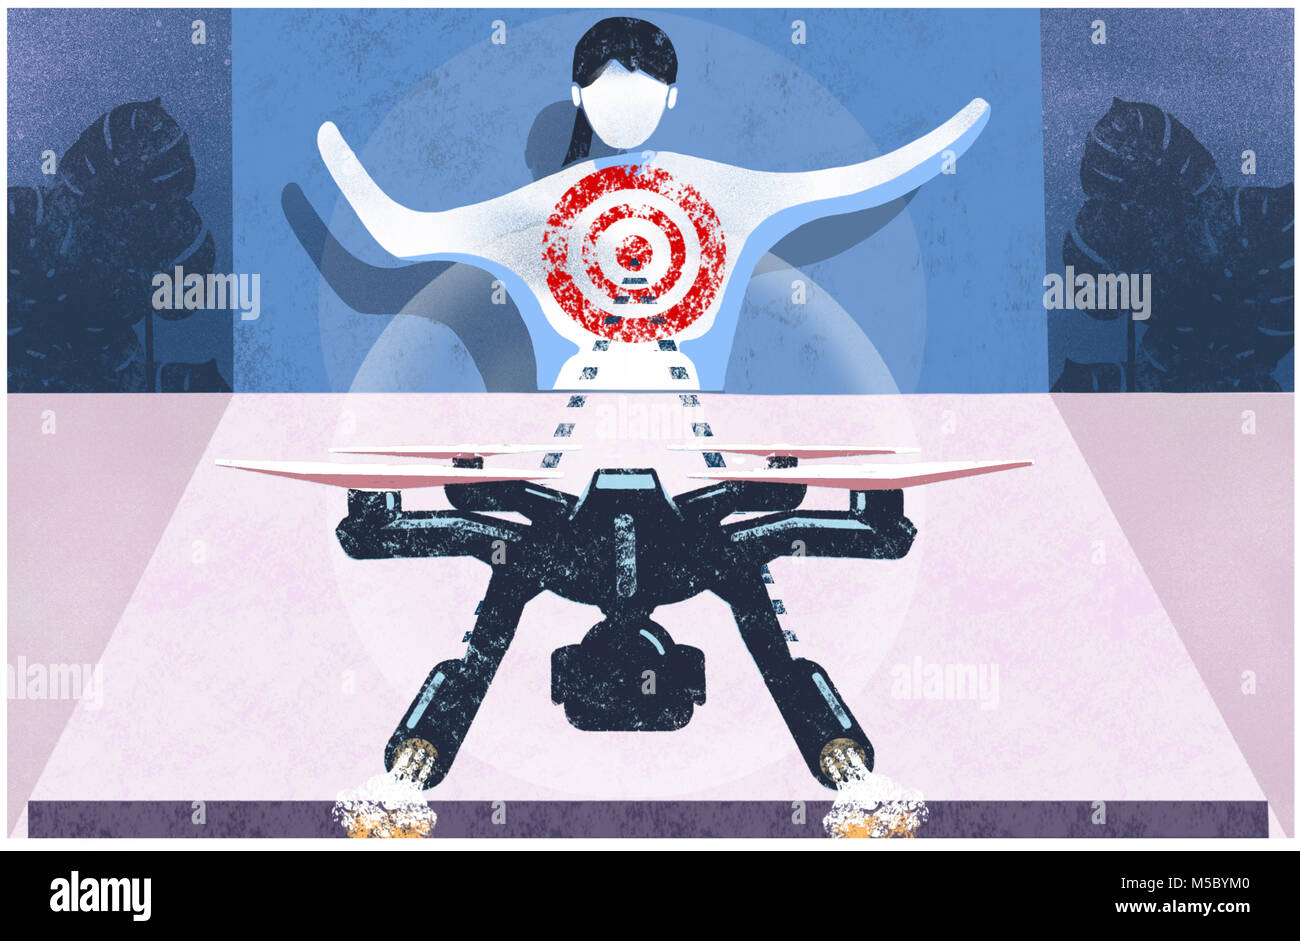 Commander avis drone r falcon hd et avis drone robot